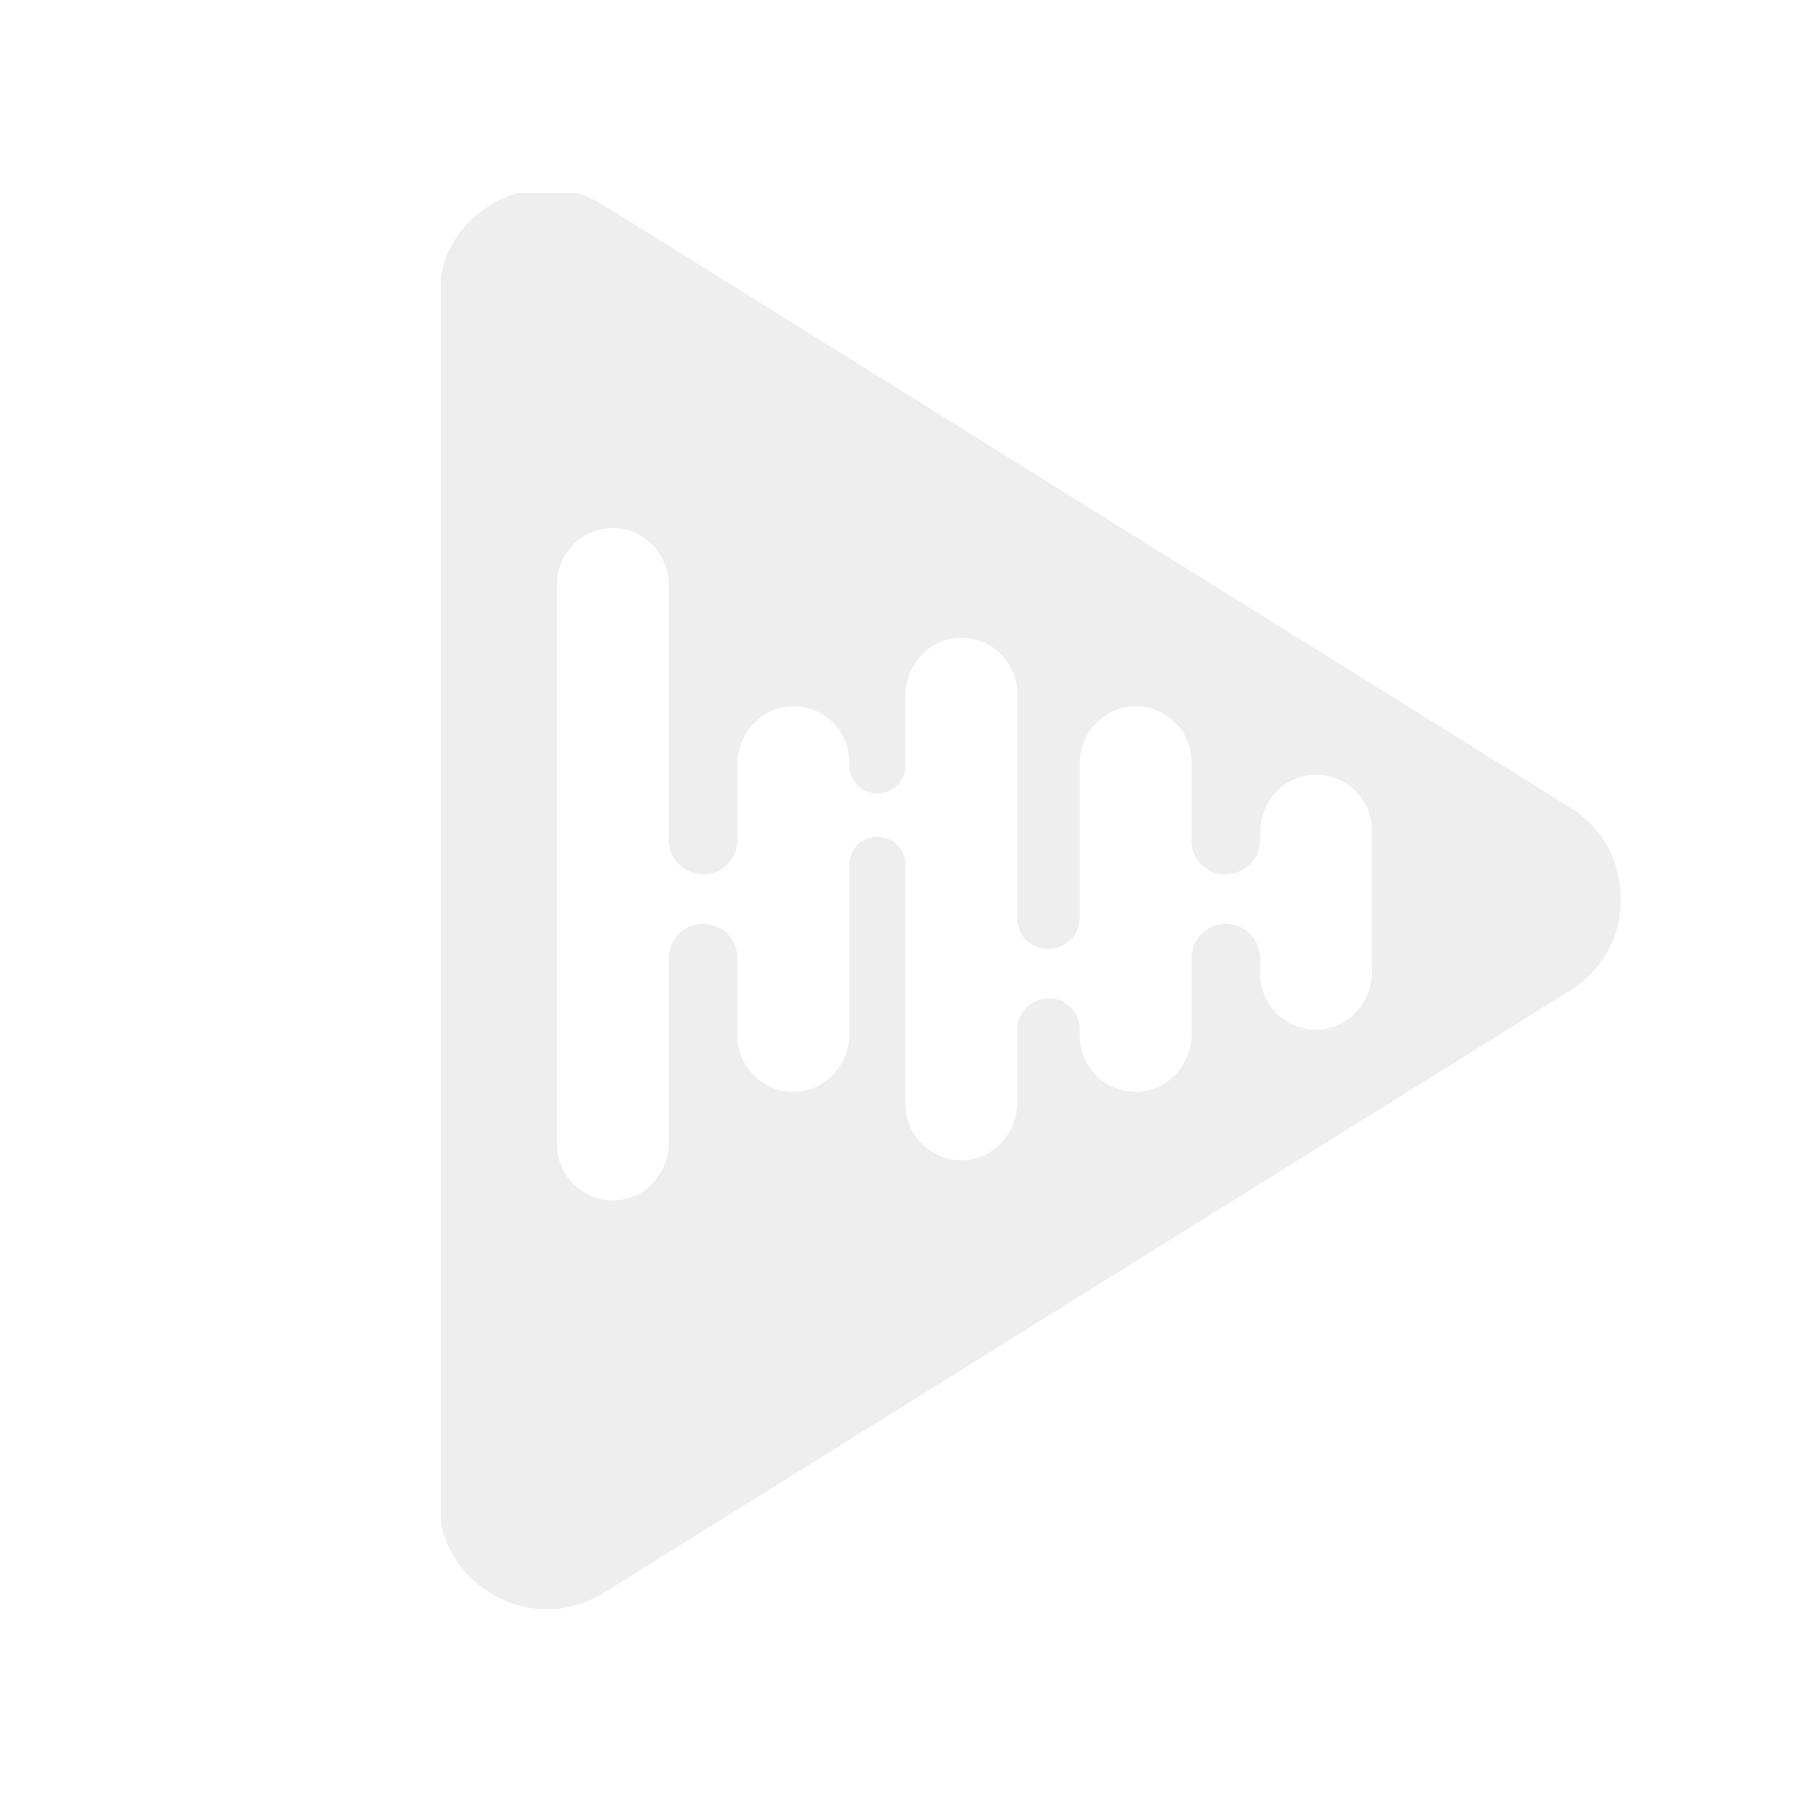 ACV 44-1094-003